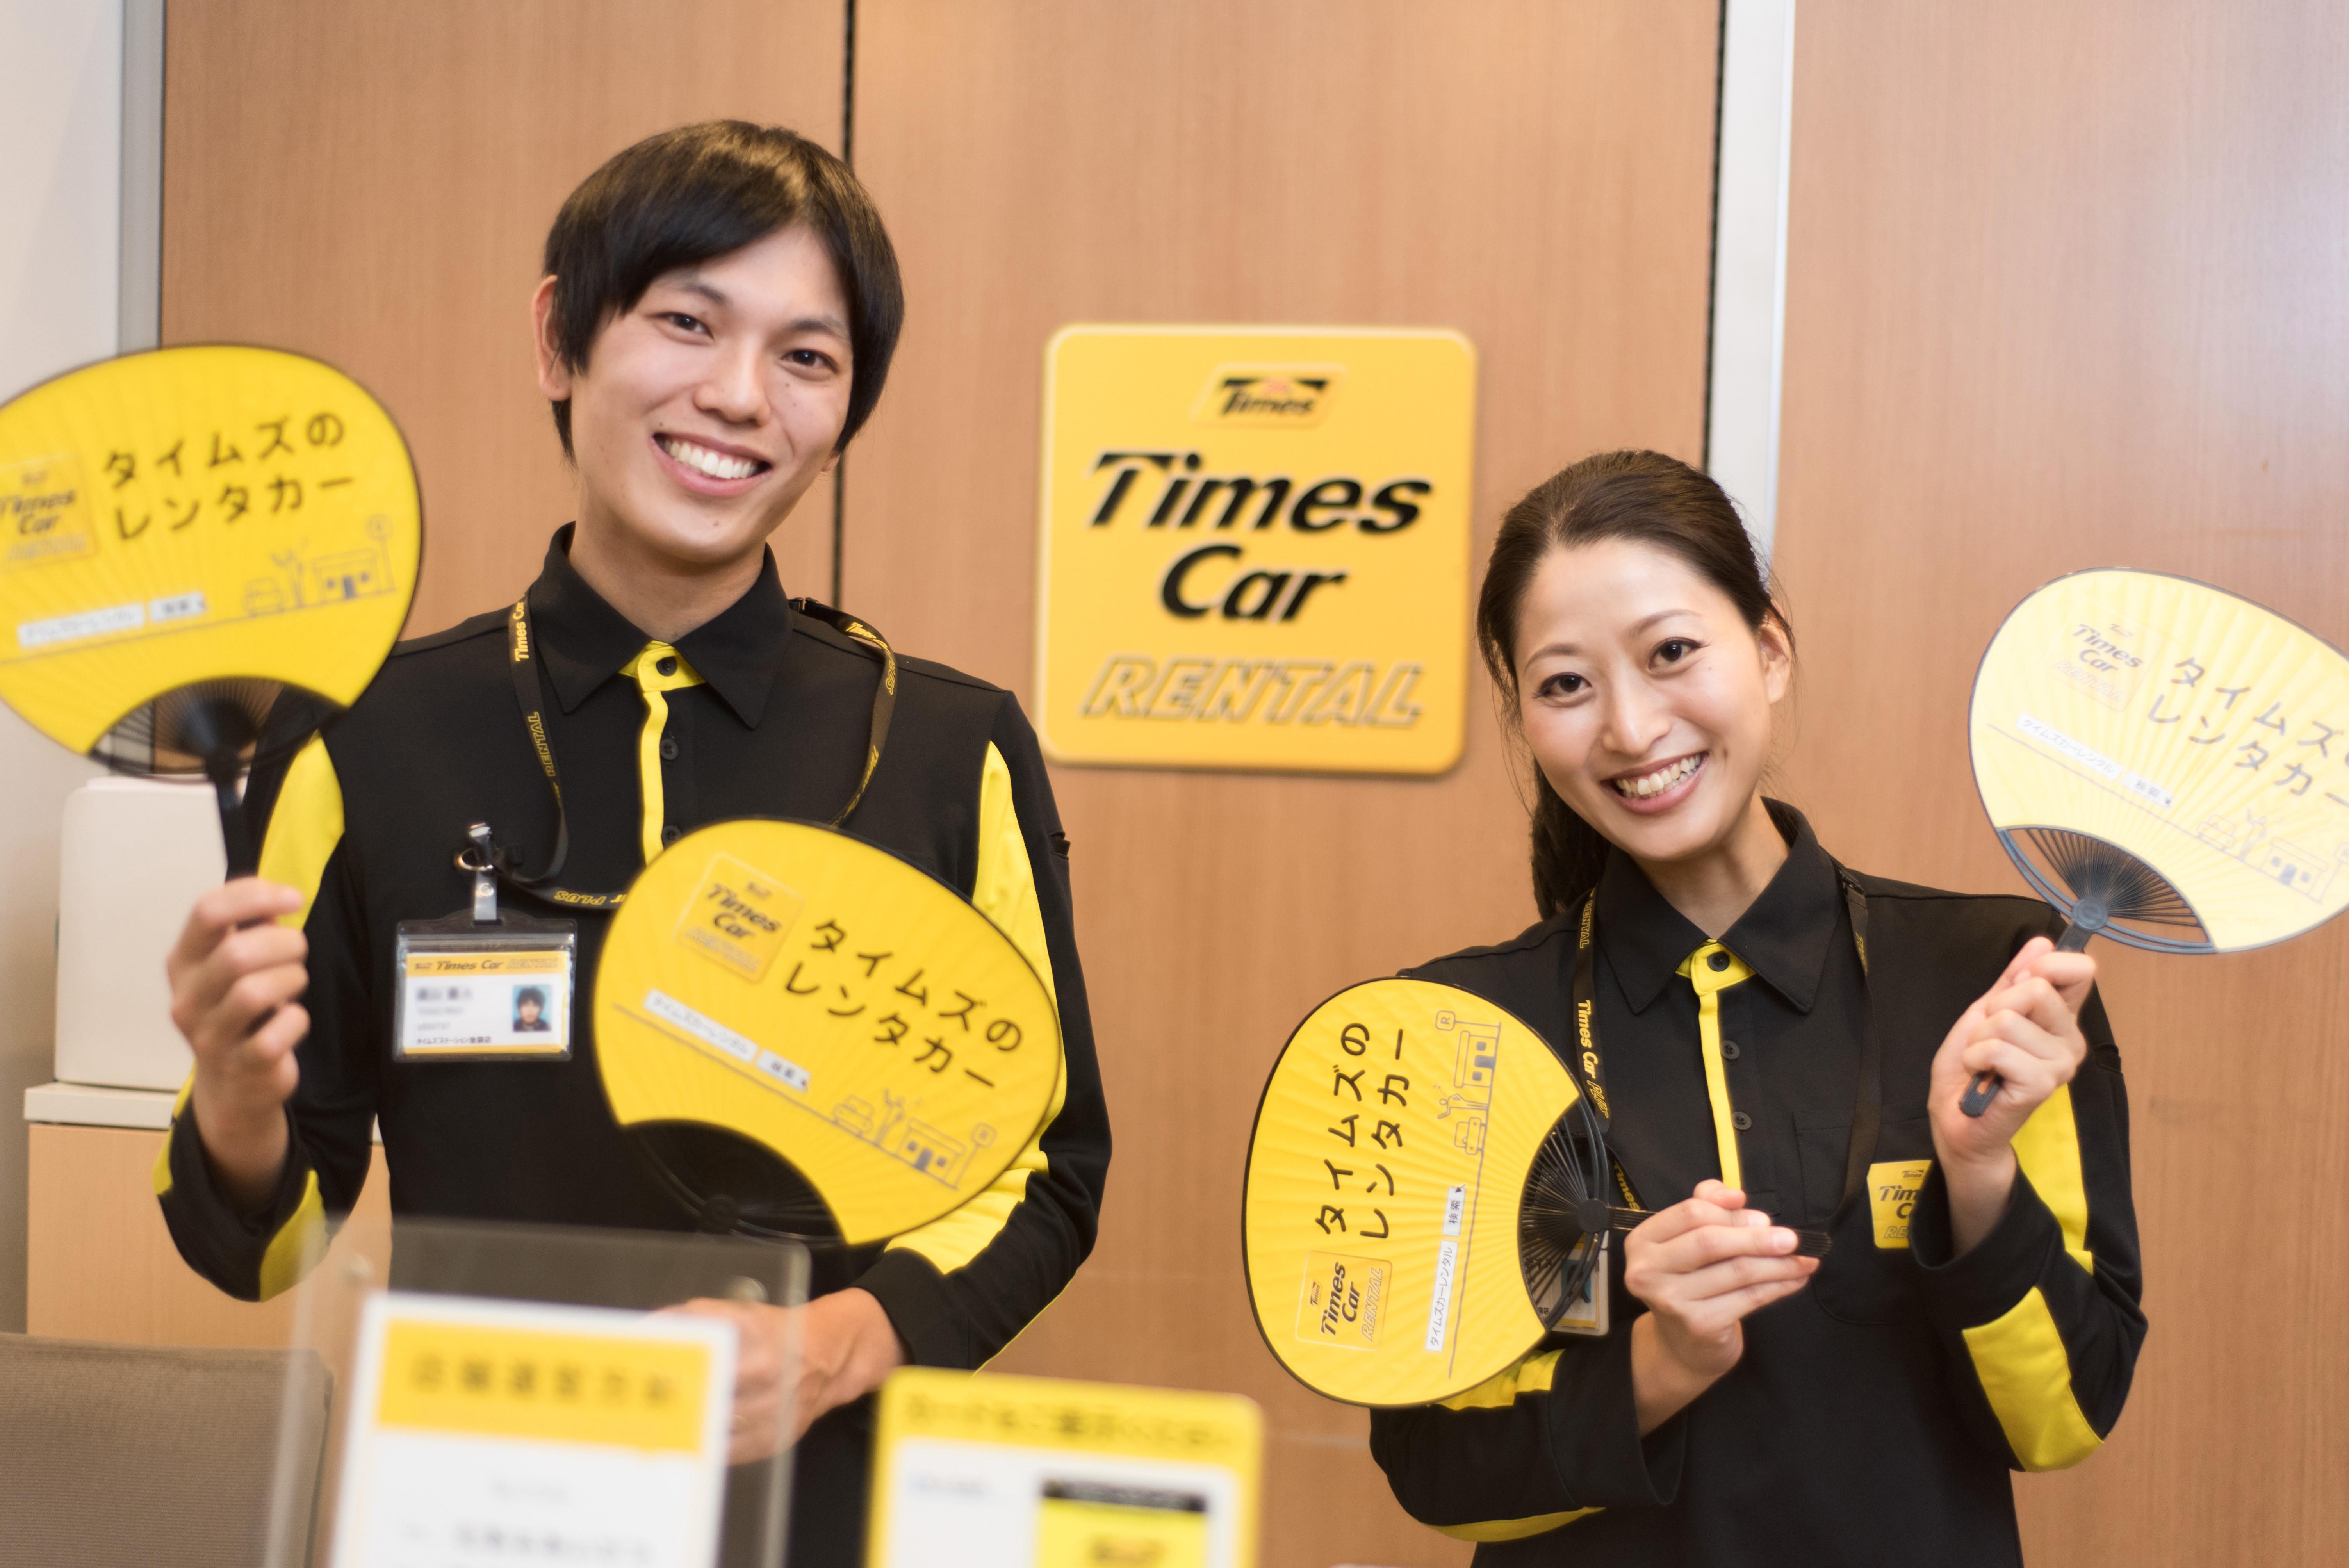 タイムズカーレンタル 福山蔵王店 のアルバイト情報